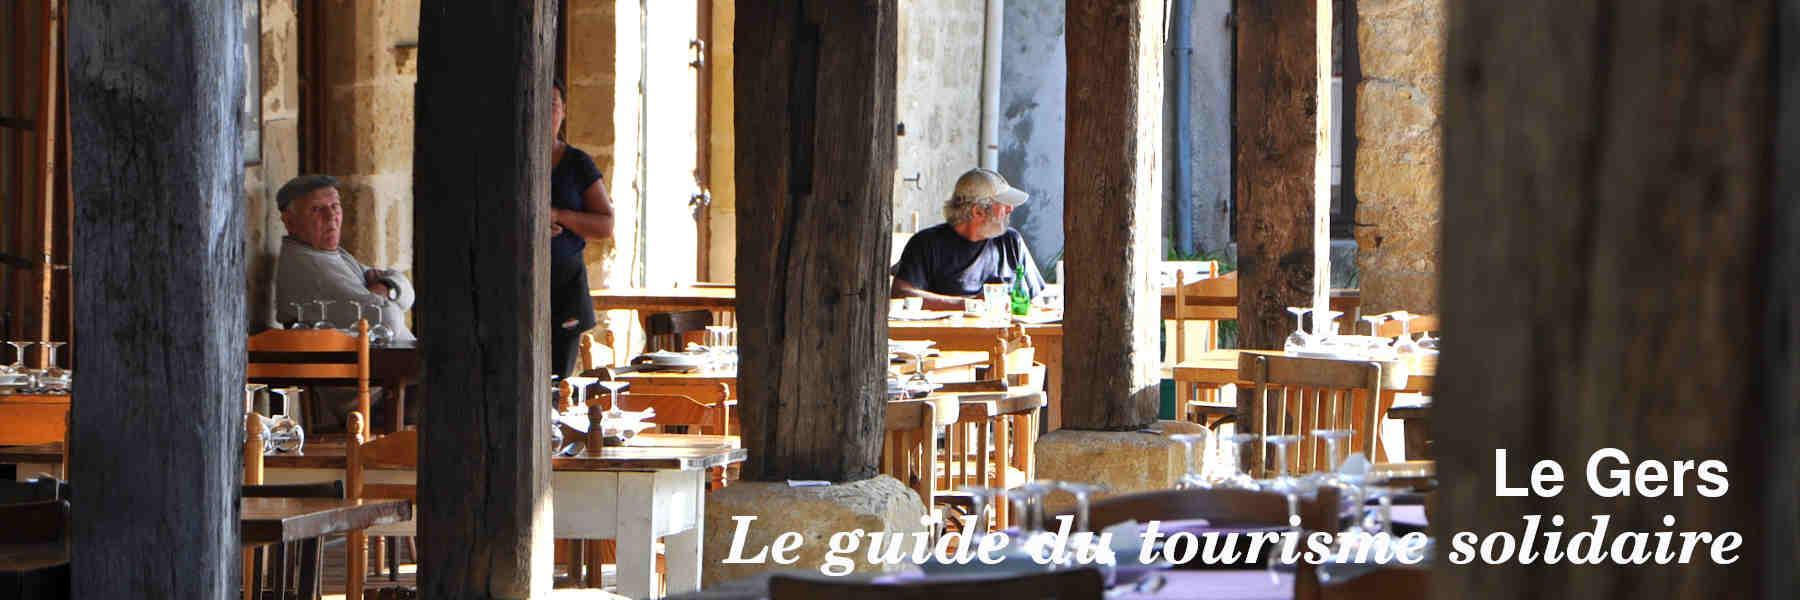 Le guide du tourisme solidaire du Gers